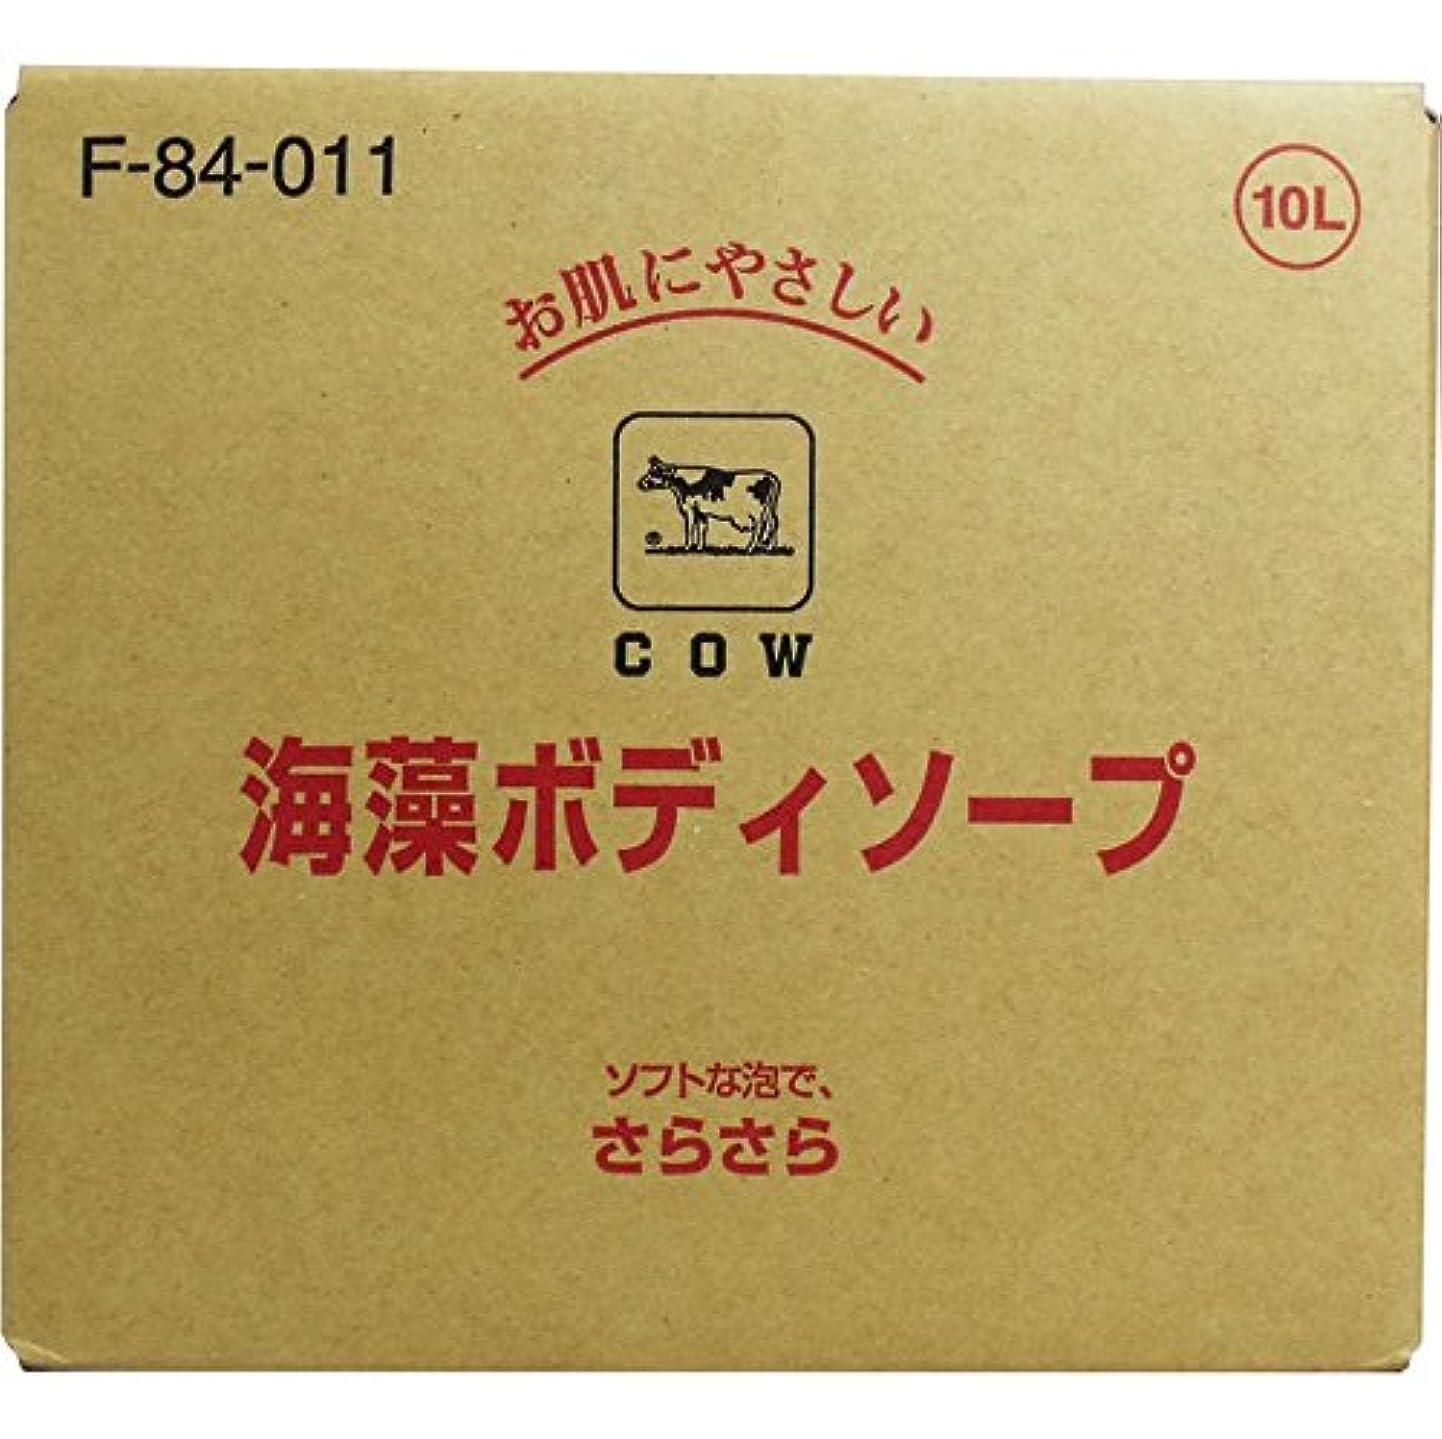 ドラマどれかフレッシュボディ 石けん詰め替え さらさらした洗い心地 便利商品 牛乳ブランド 海藻ボディソープ 業務用 10L